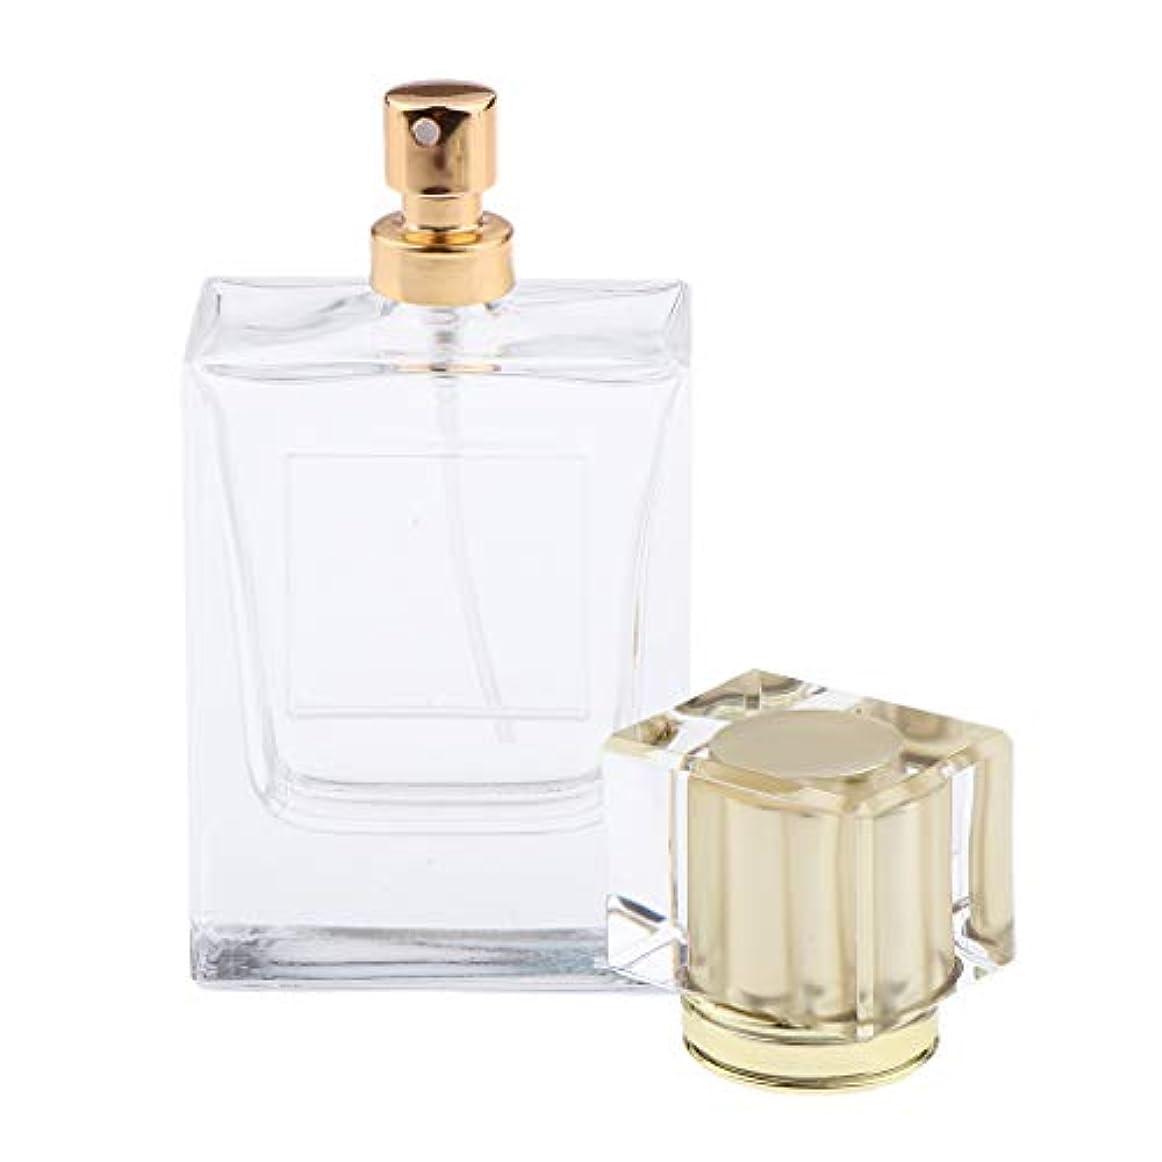 遠洋の脱走バラ色香水瓶 化粧ボトル 透明ガラス ポンプスプレーボトル 手作りコスメ 4色選べ - ゴールド